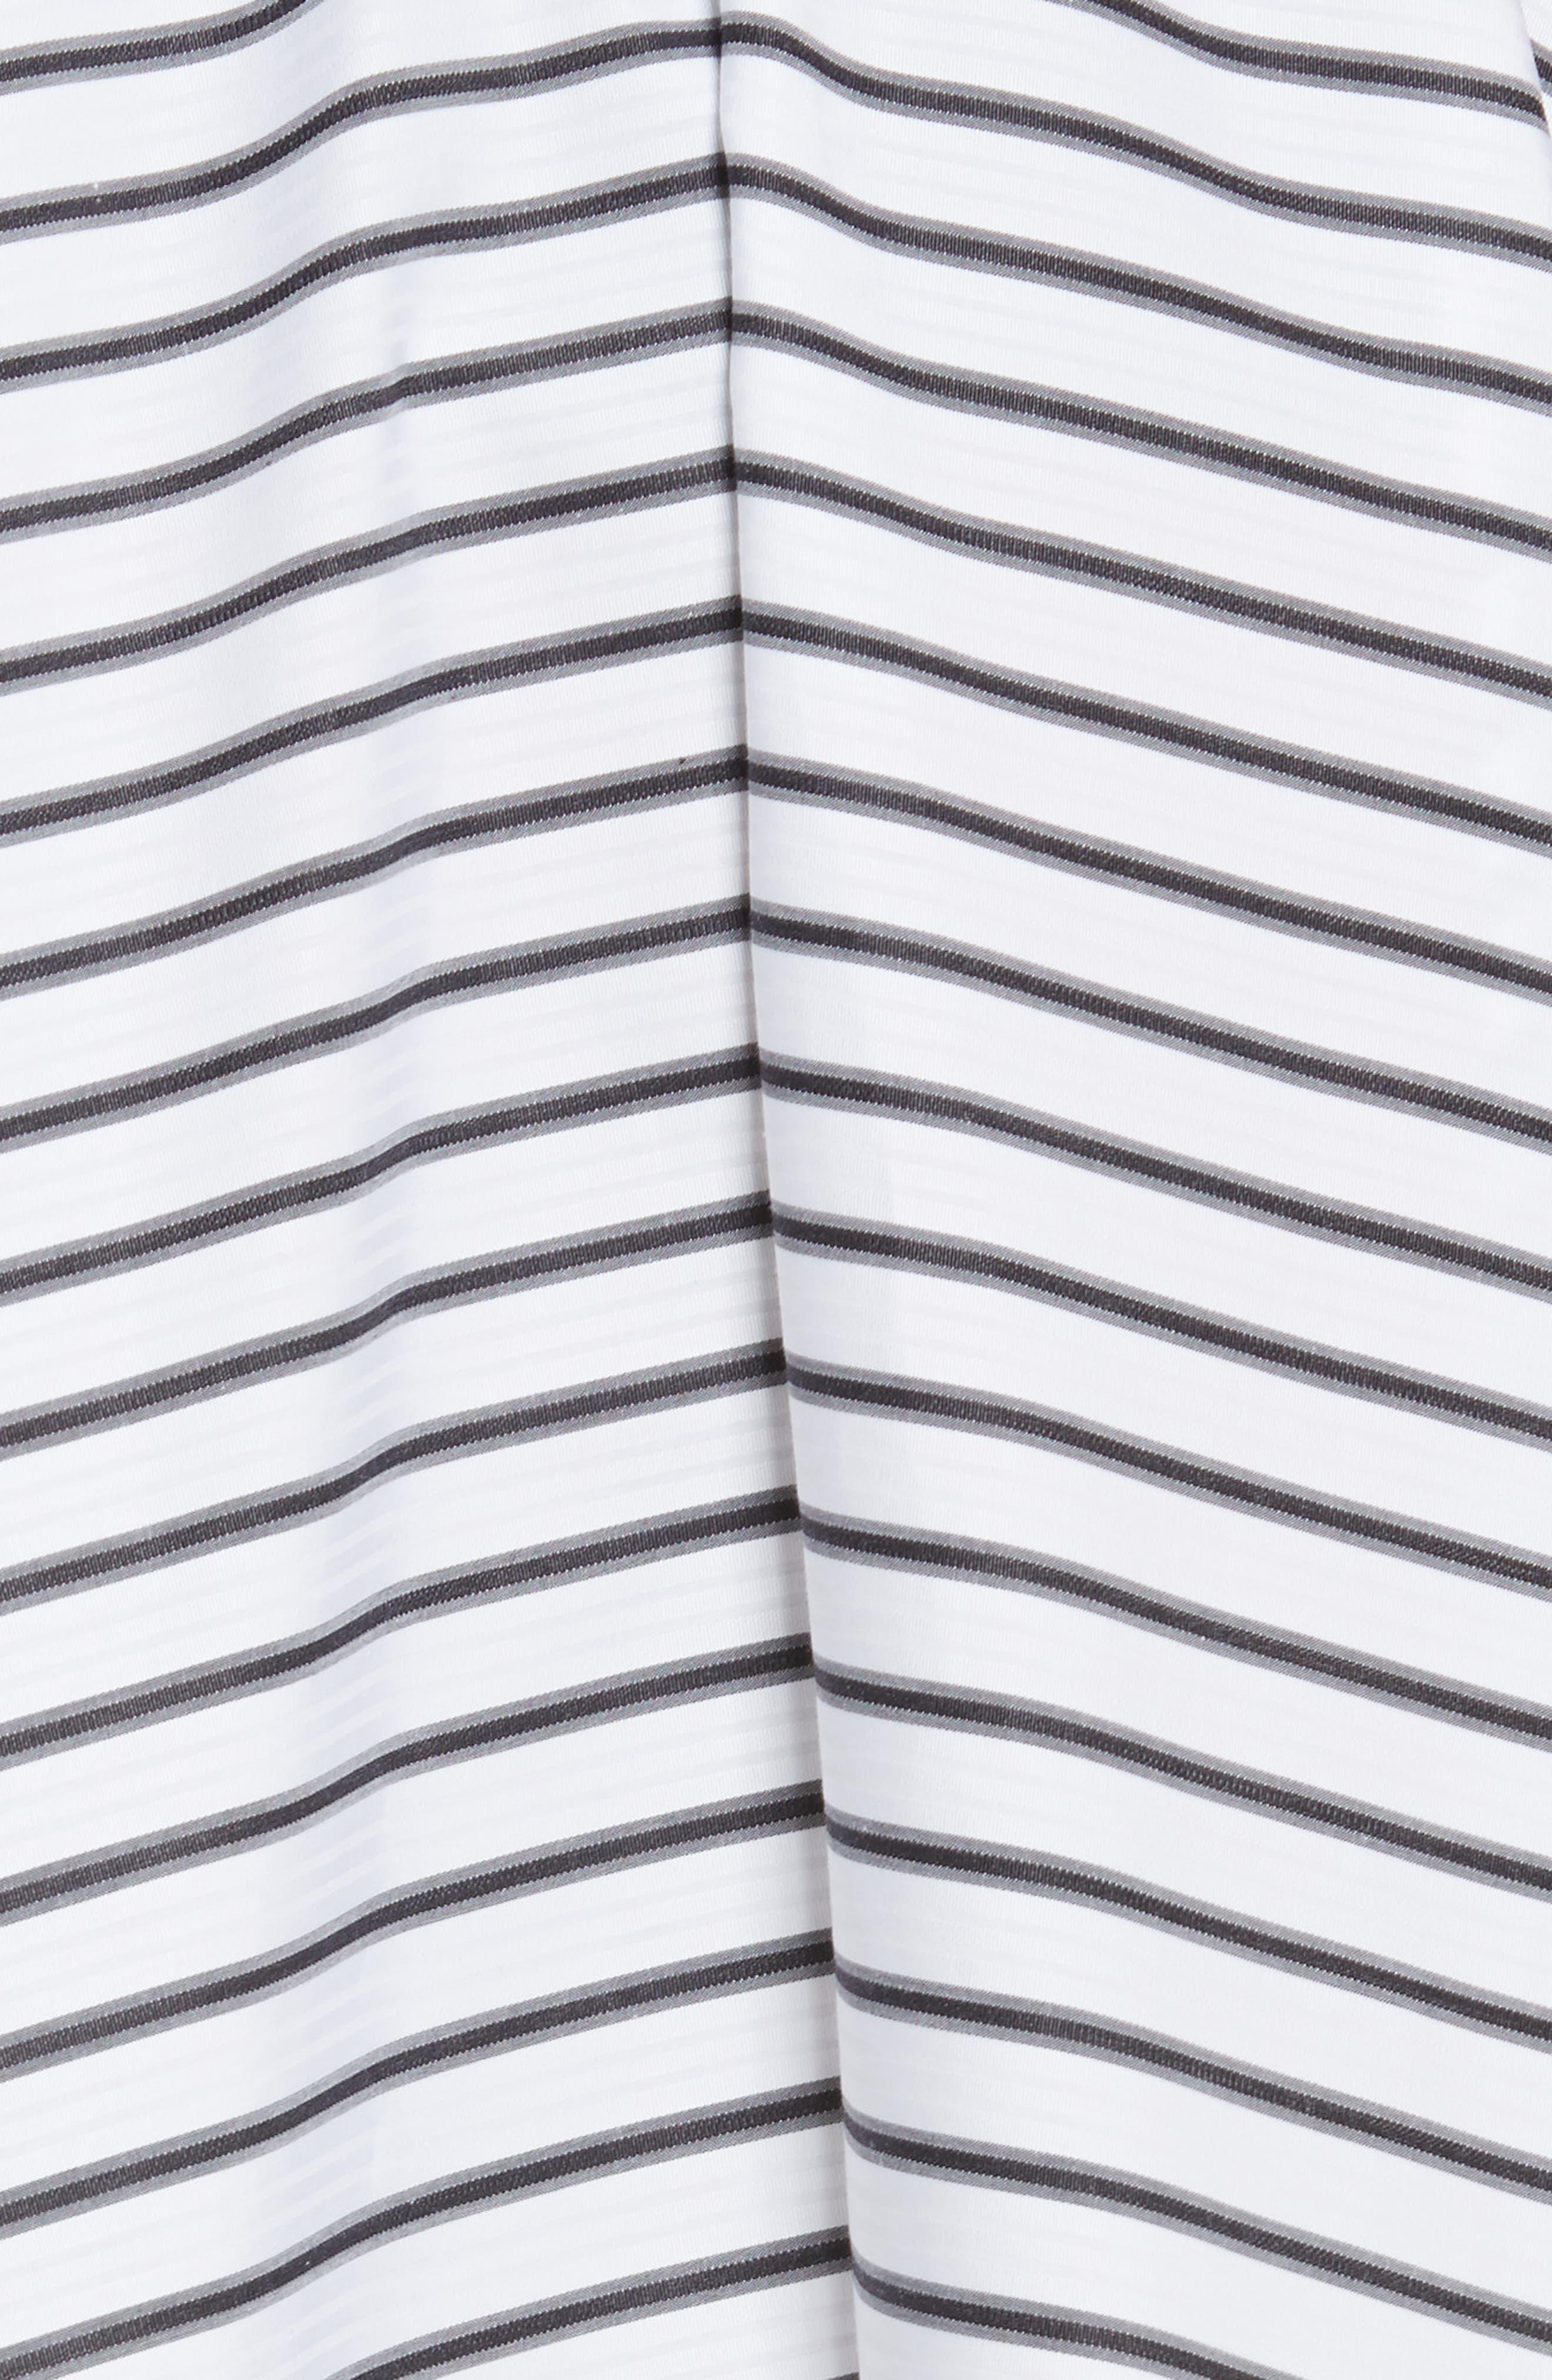 Adelle High/Low Ruffle Skirt,                             Alternate thumbnail 5, color,                             108